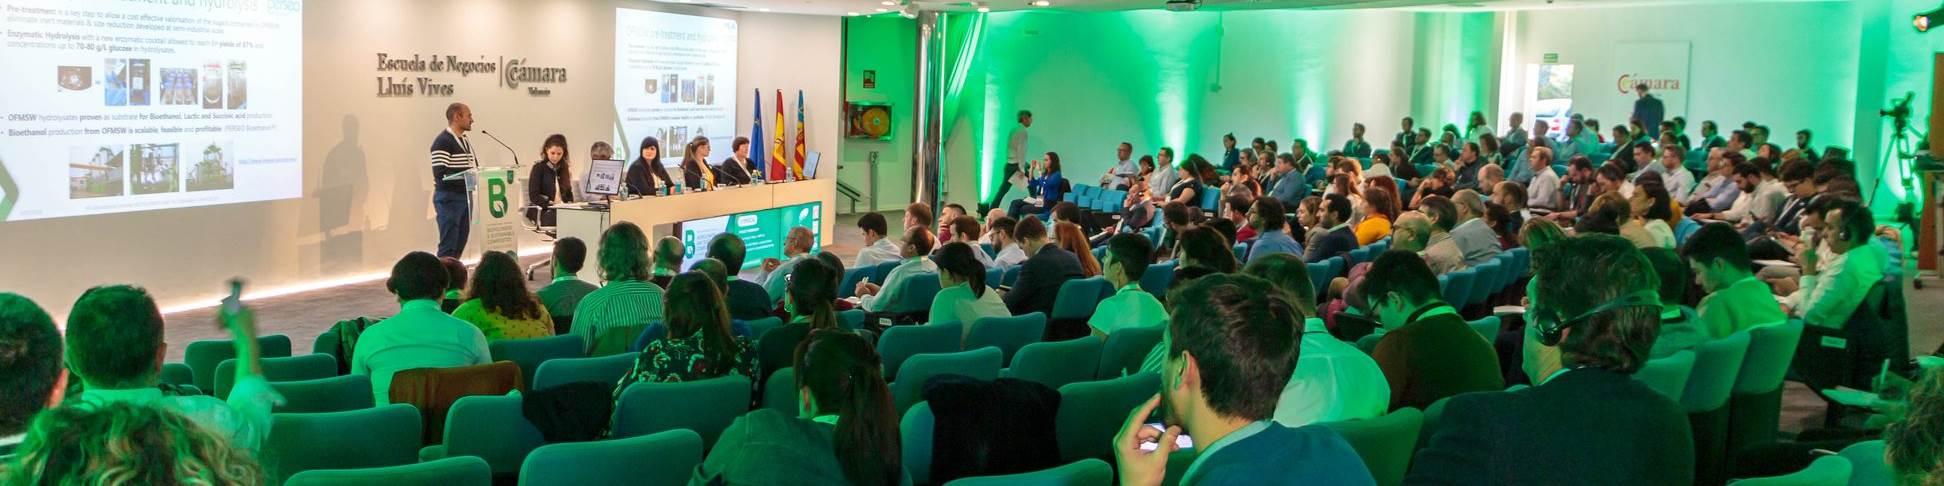 Seminario Internacional de Biopolímeros y Composites Sostenibles.